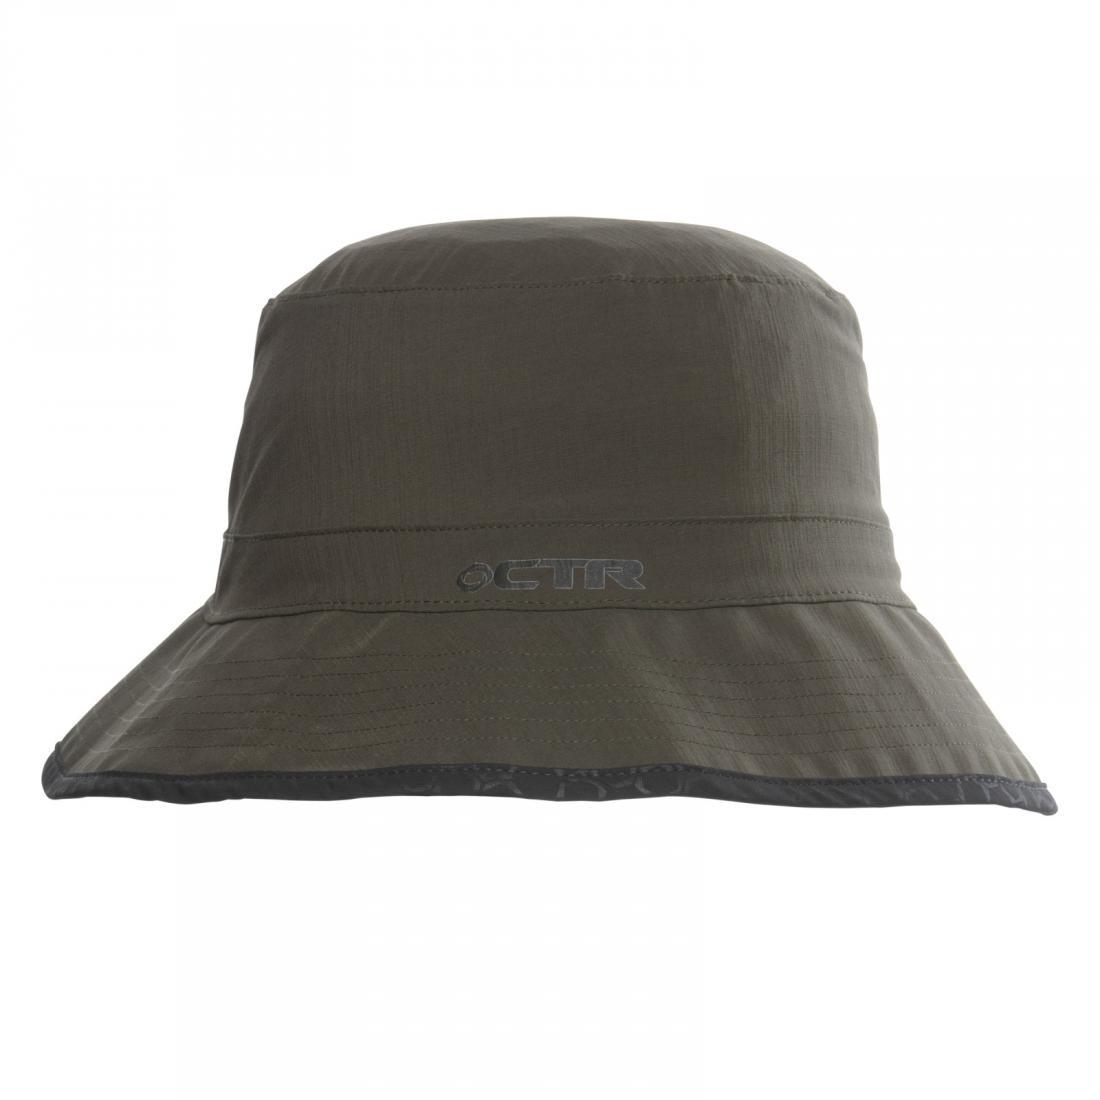 Панама Chaos  Summit Bucket HatПанамы<br><br> Классическая мужская панама Summit Bucket Hat от Chaos — это оптимальное решение для рыбалки и туризма. Легкая и удобная, она отлично защищает и от солнечных лучей, и от дождя. Благодаря компактным размерам она легко помещается в карман, а лаконичн...<br><br>Цвет: Темно-серый<br>Размер: S-M